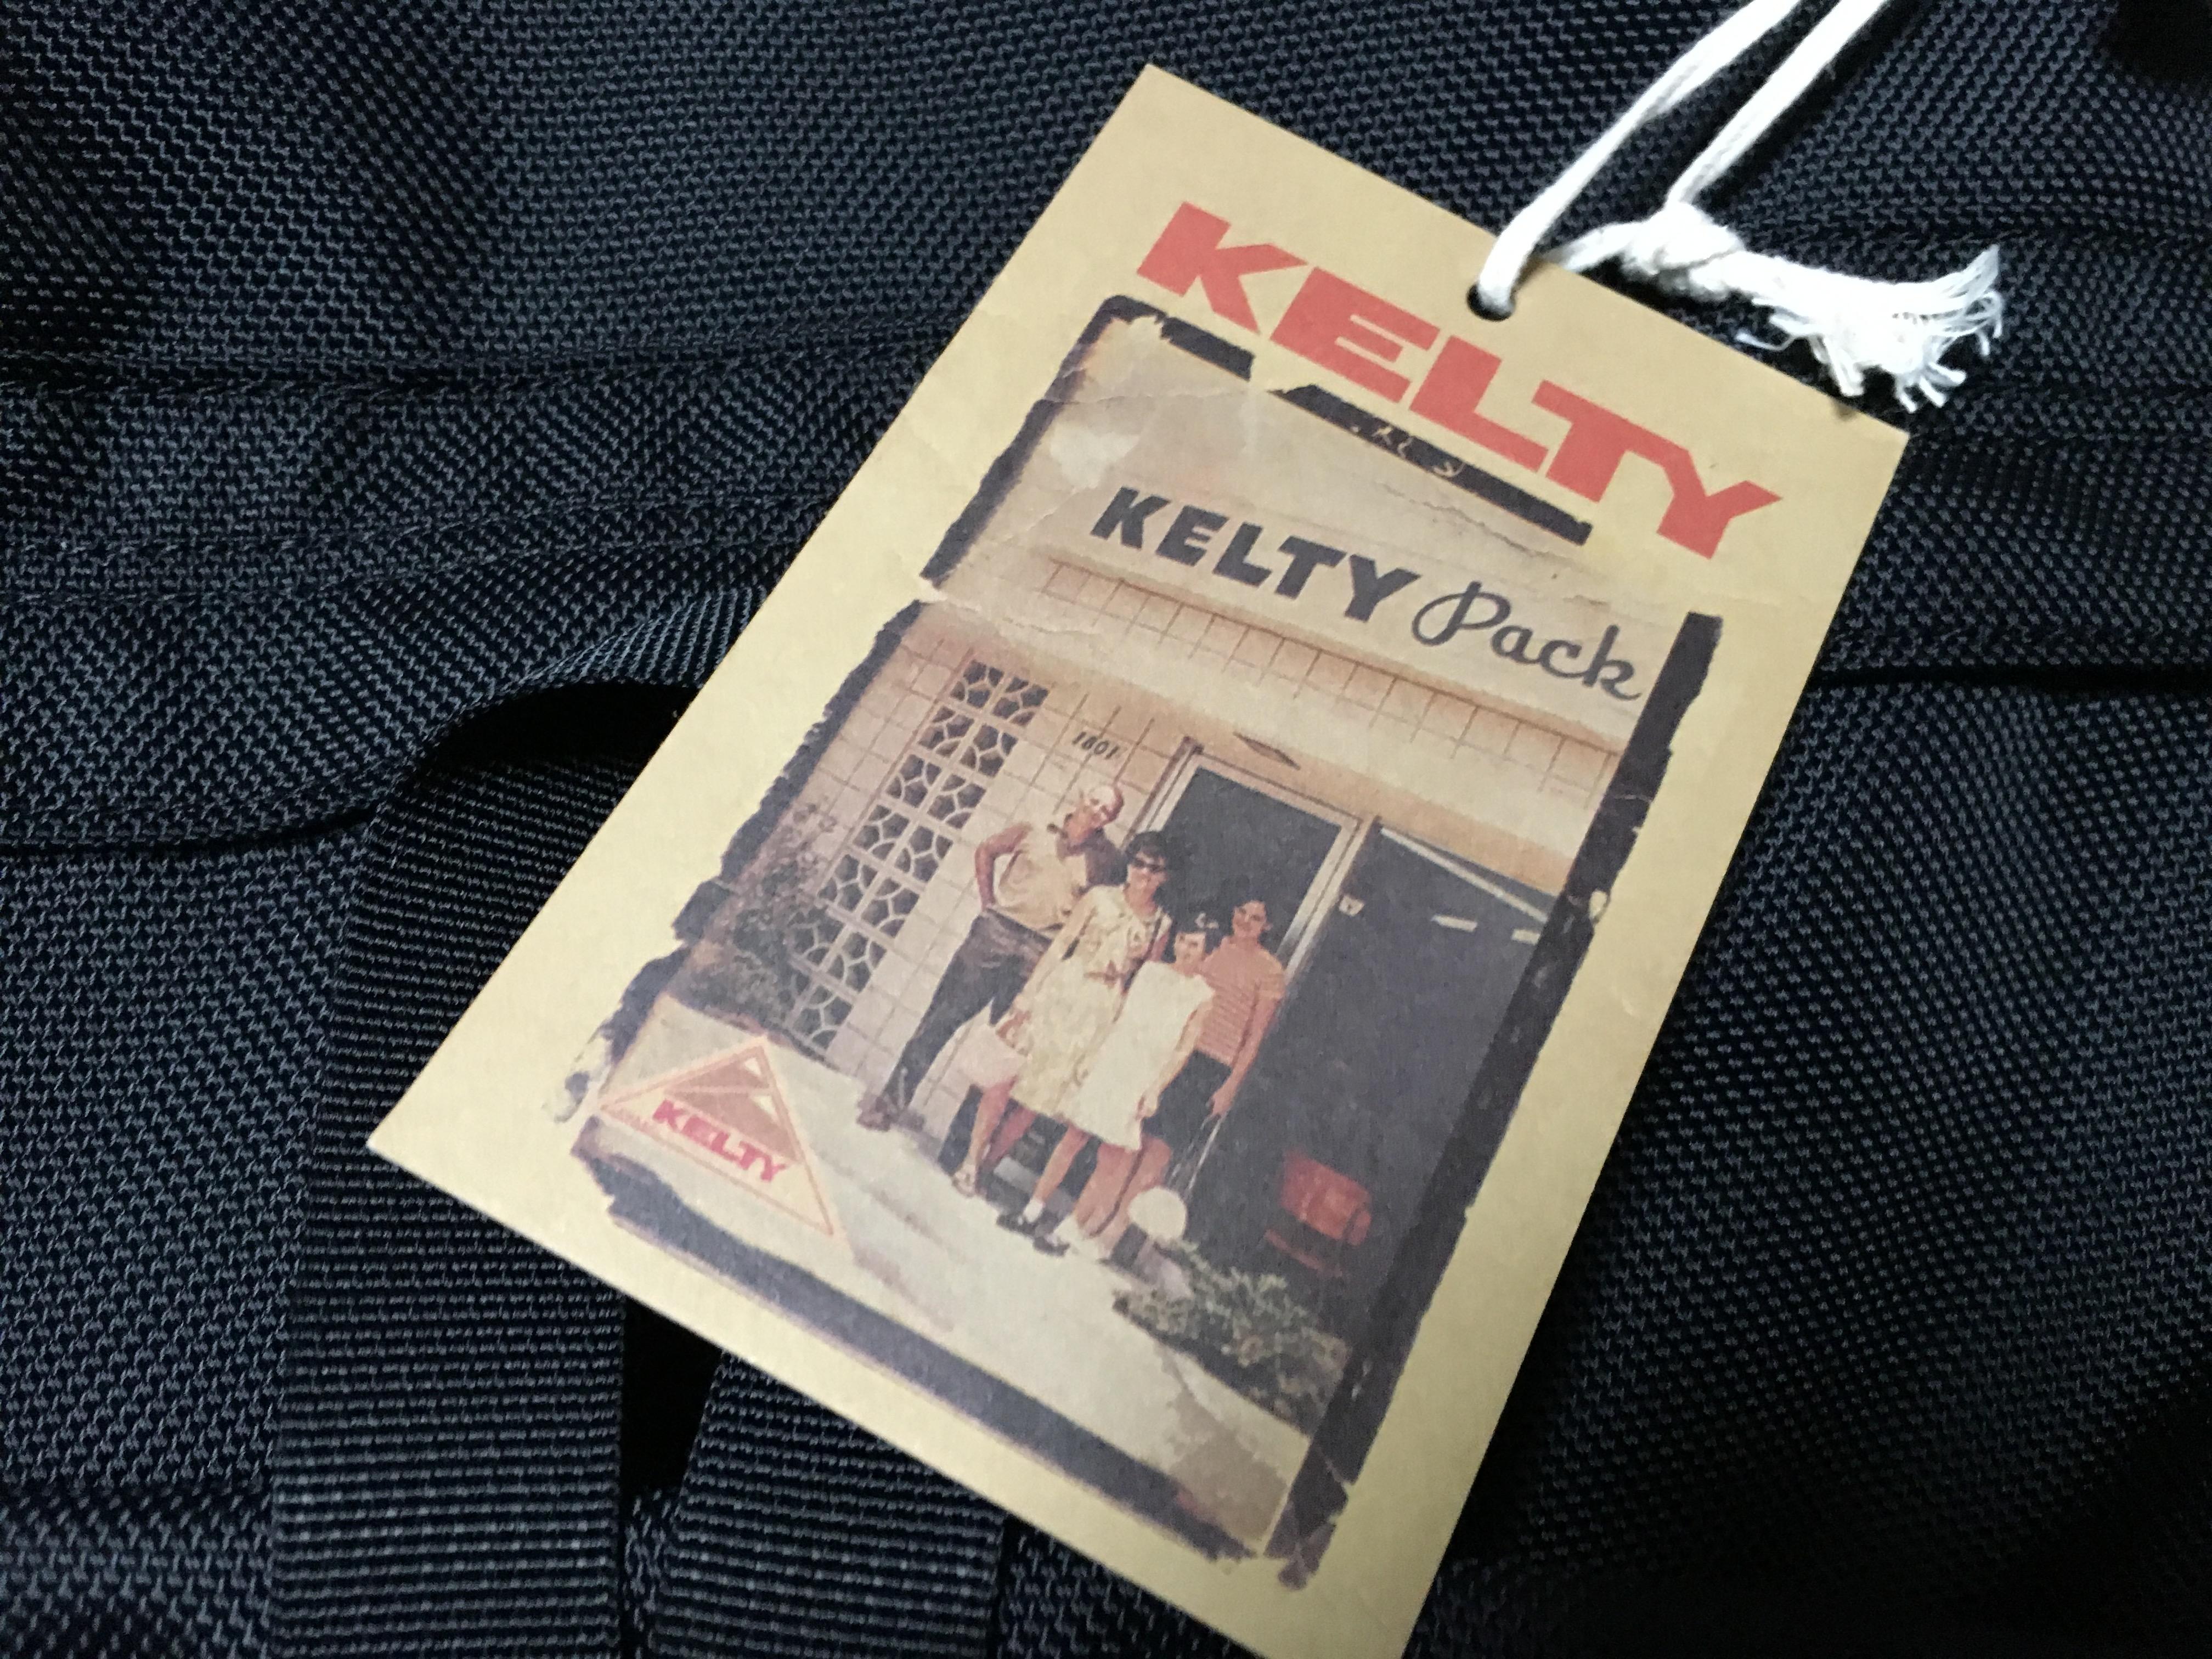 ケルティー(KELTY)ナイロンリュック レビュー!オールブラックを購入